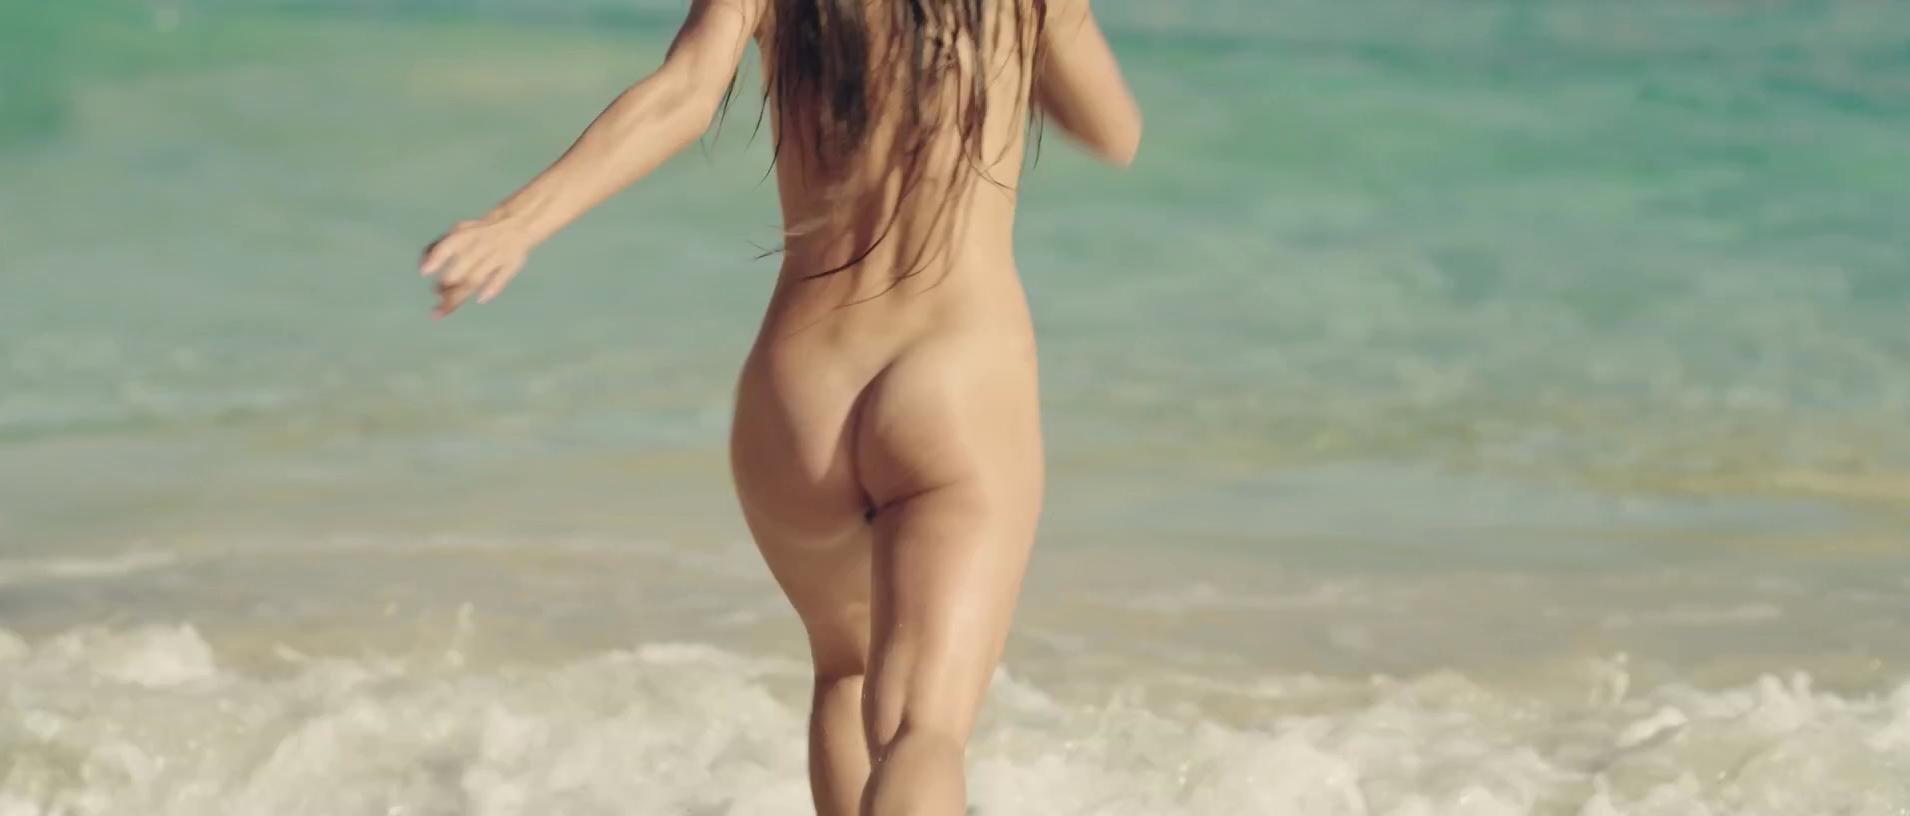 Selfie facebook nude